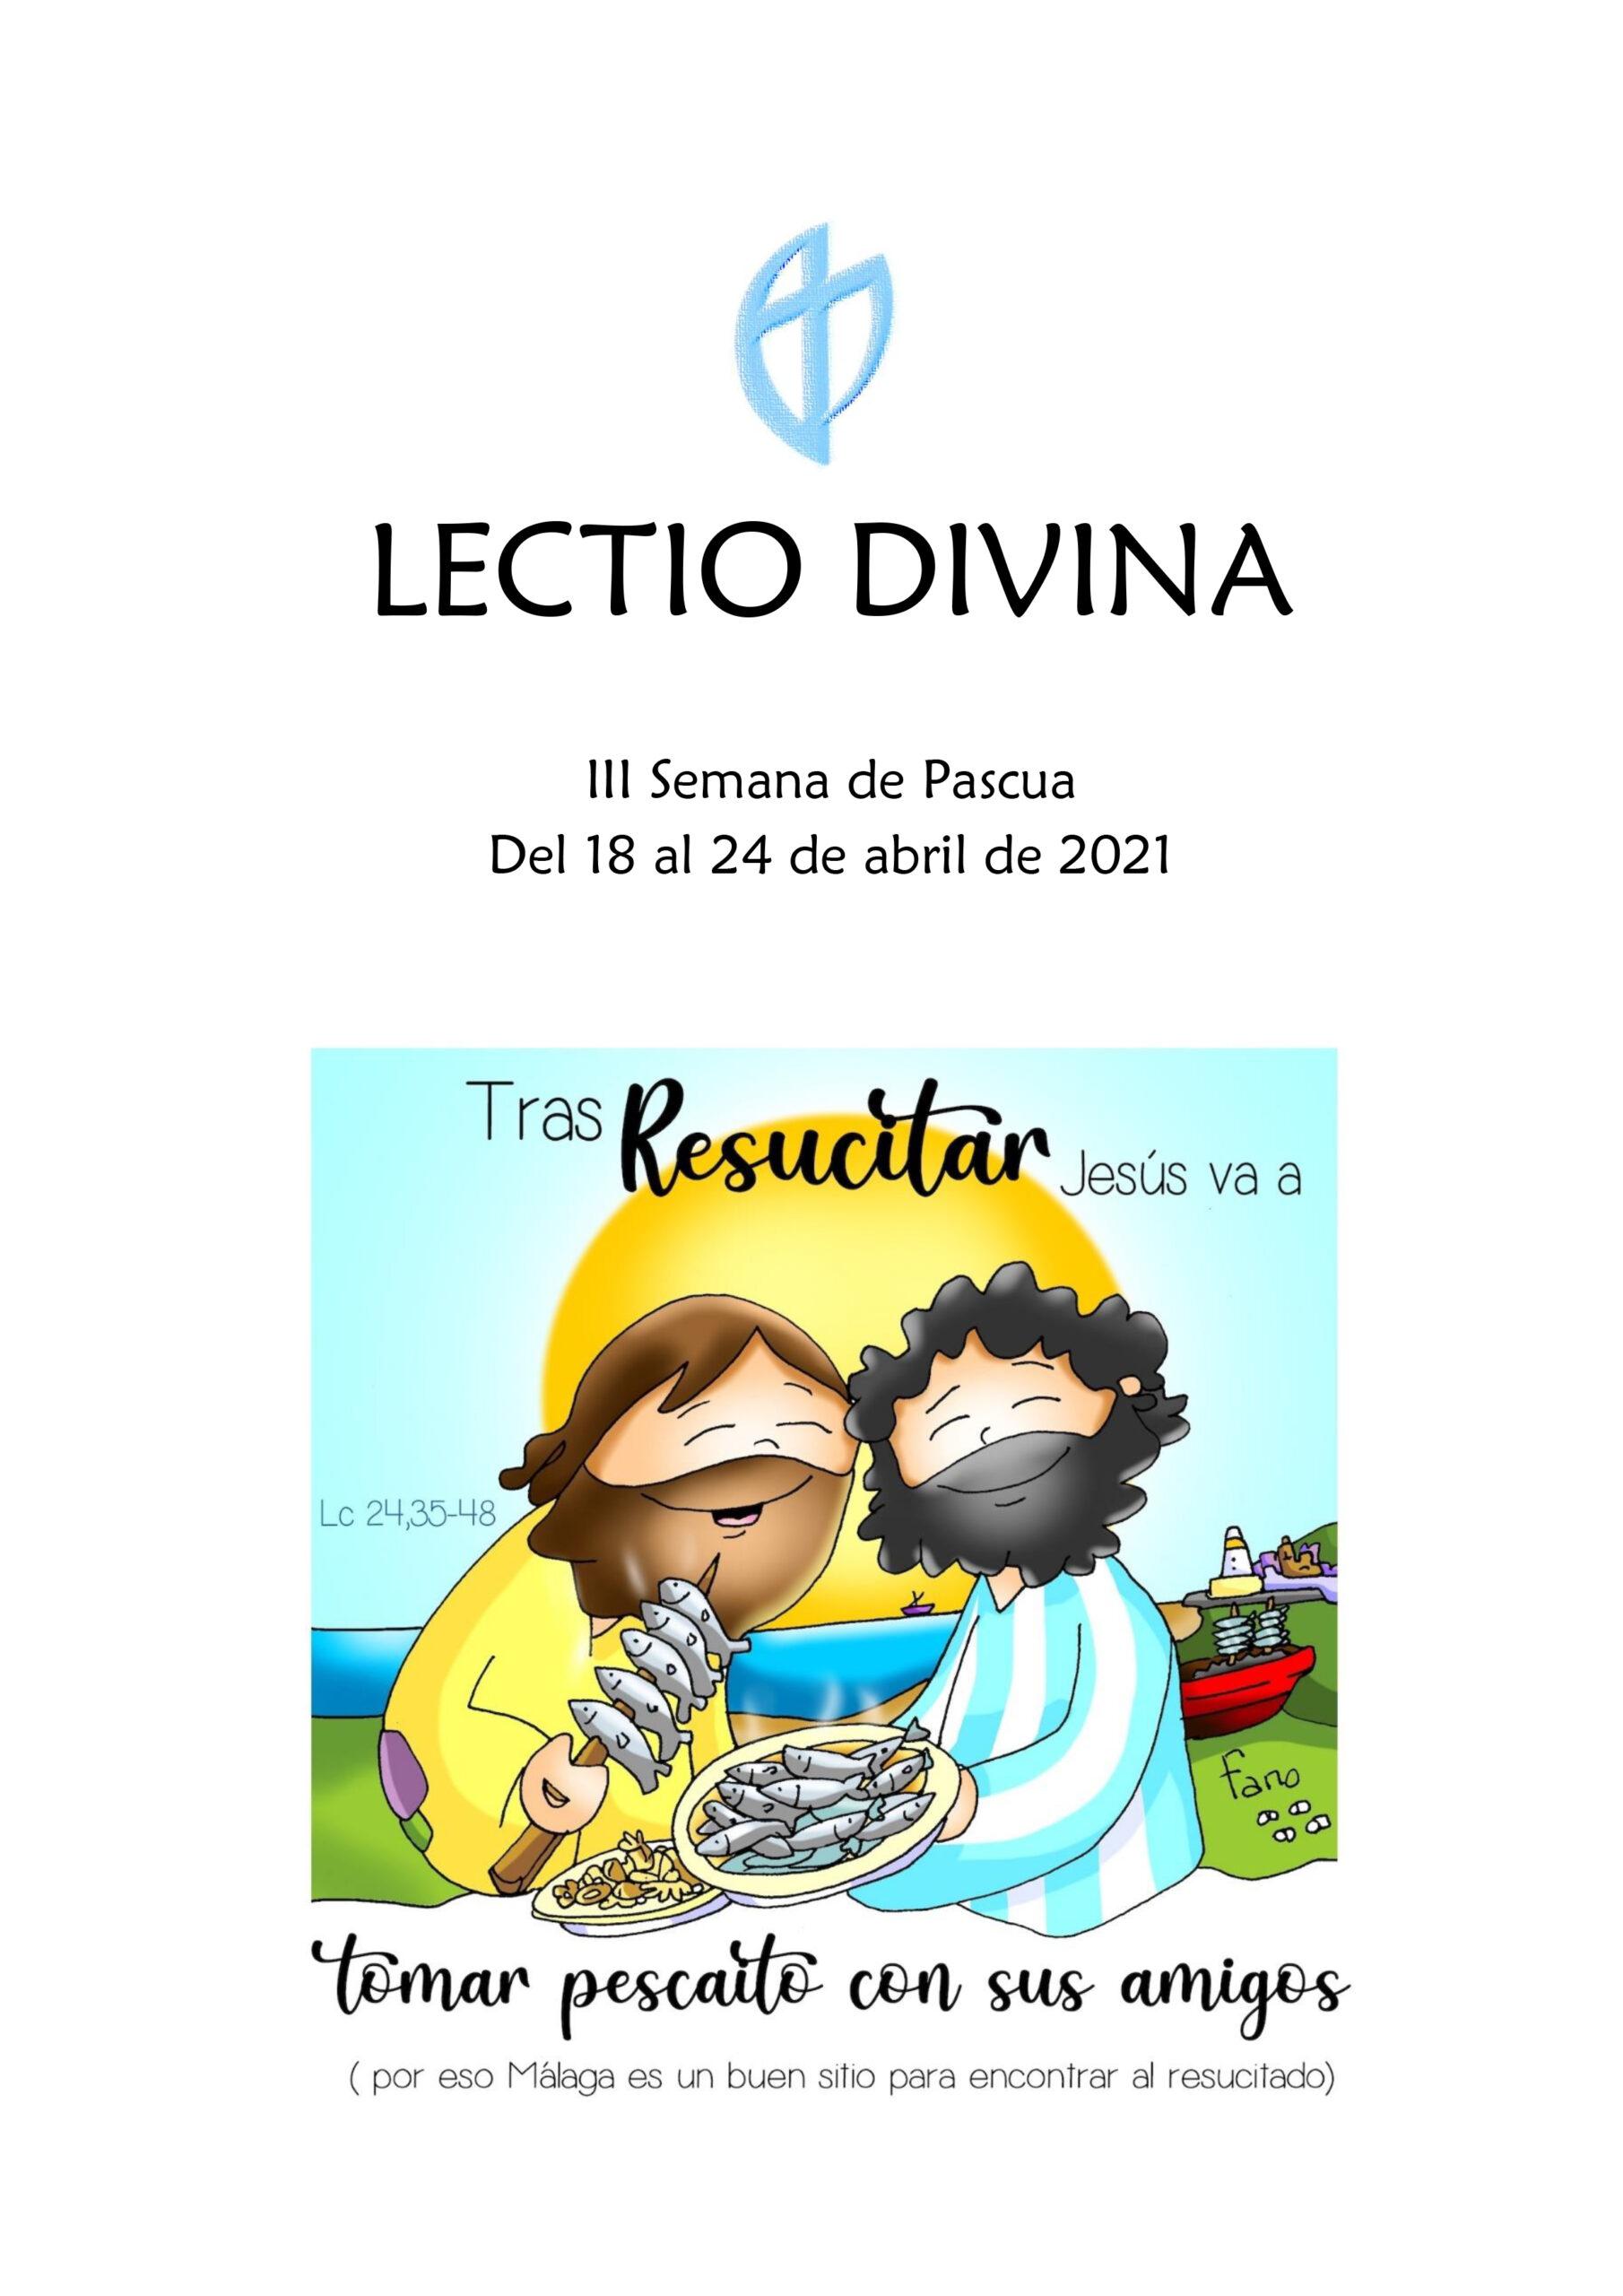 III Semana de Pascua (del 18 al 24 de abril de 2021)